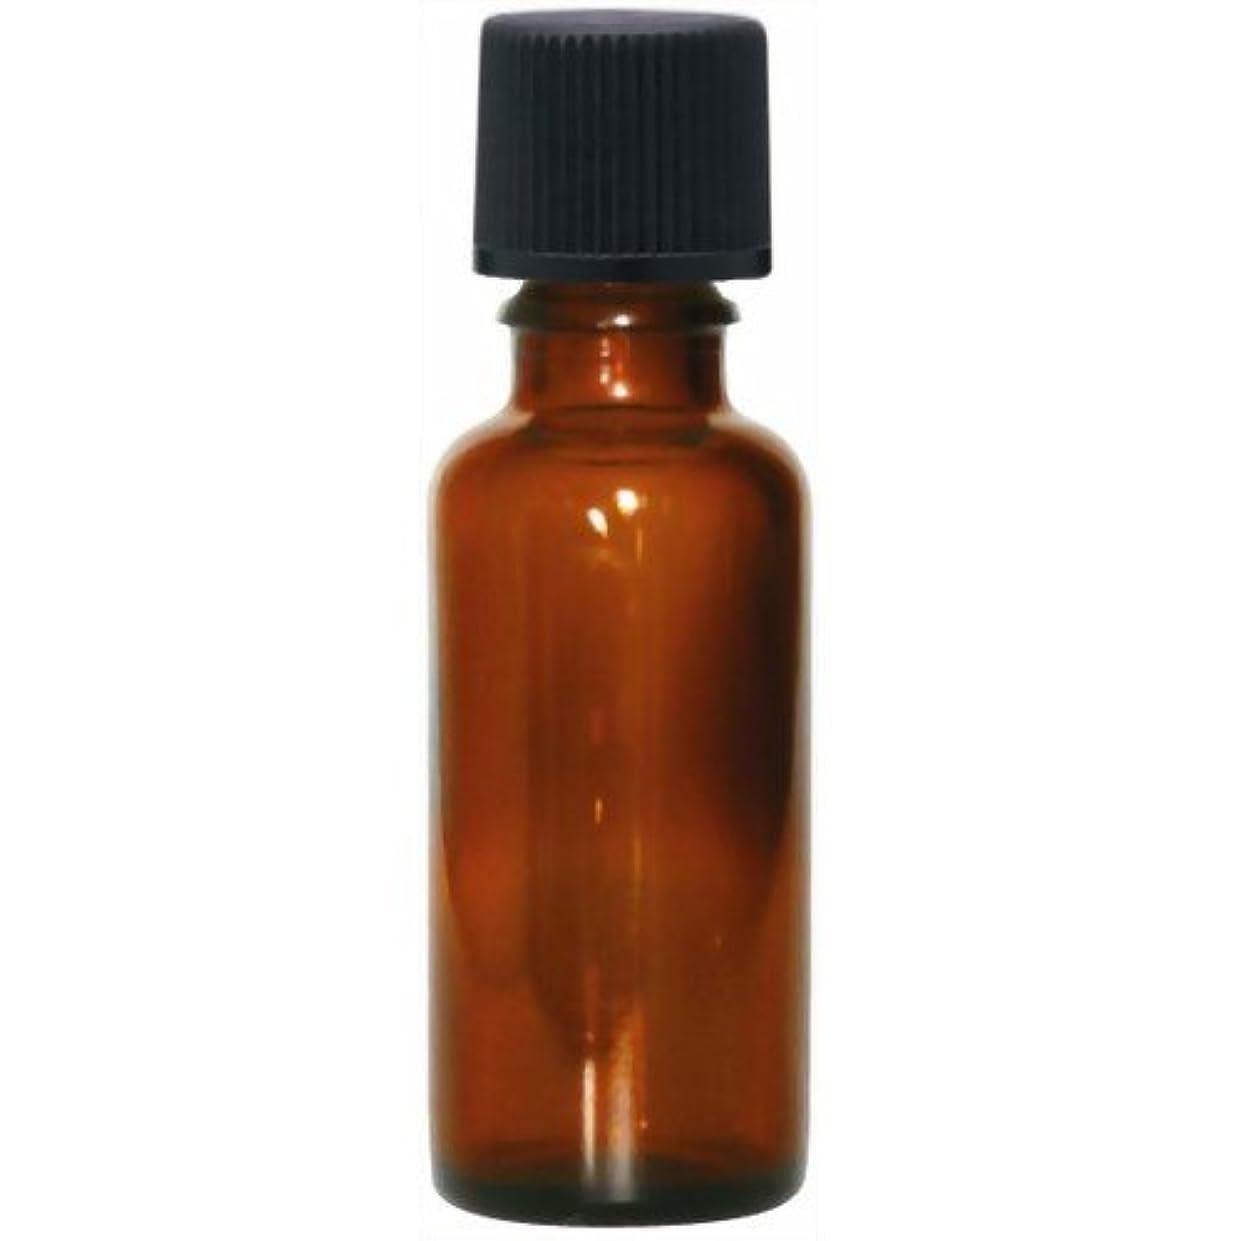 含意熟す眠いです茶色遮光瓶30ml(黒キャップ)